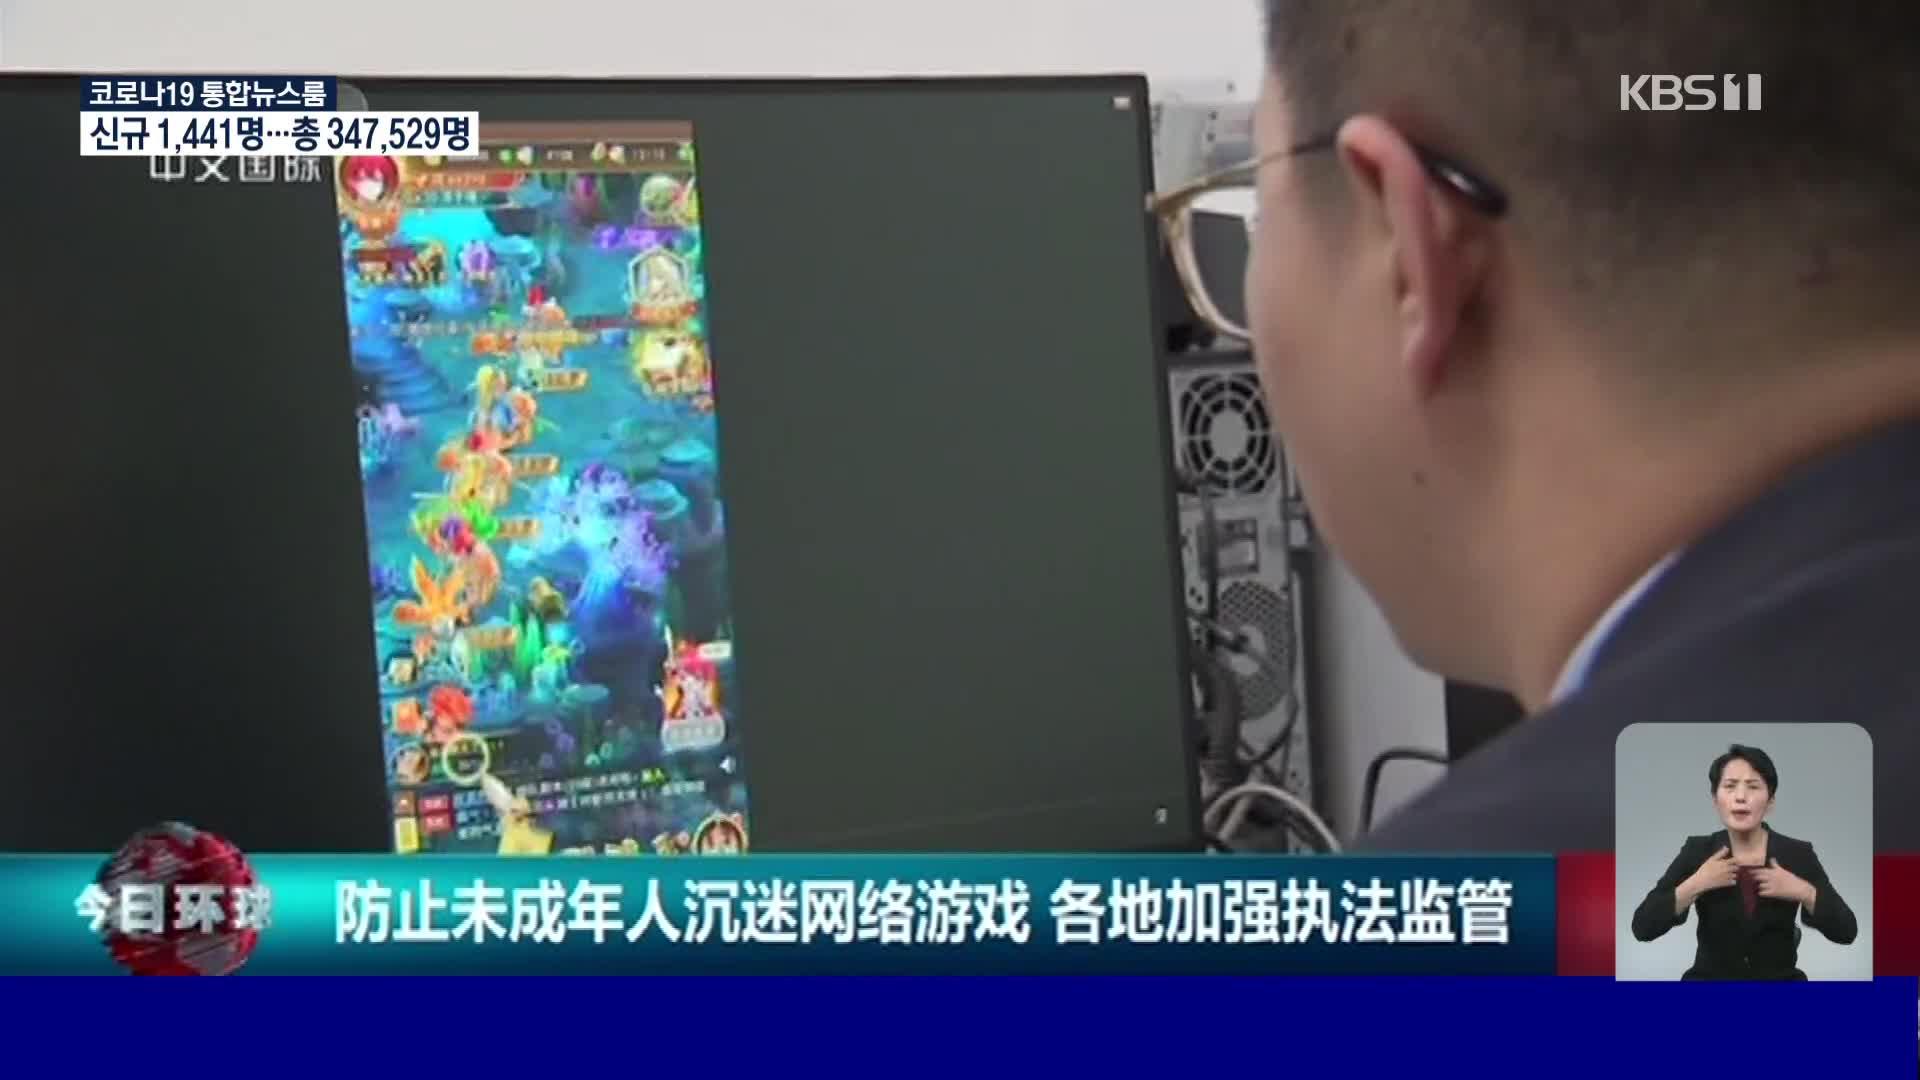 중국, 미성년 상대 온라인게임에 단속 강화